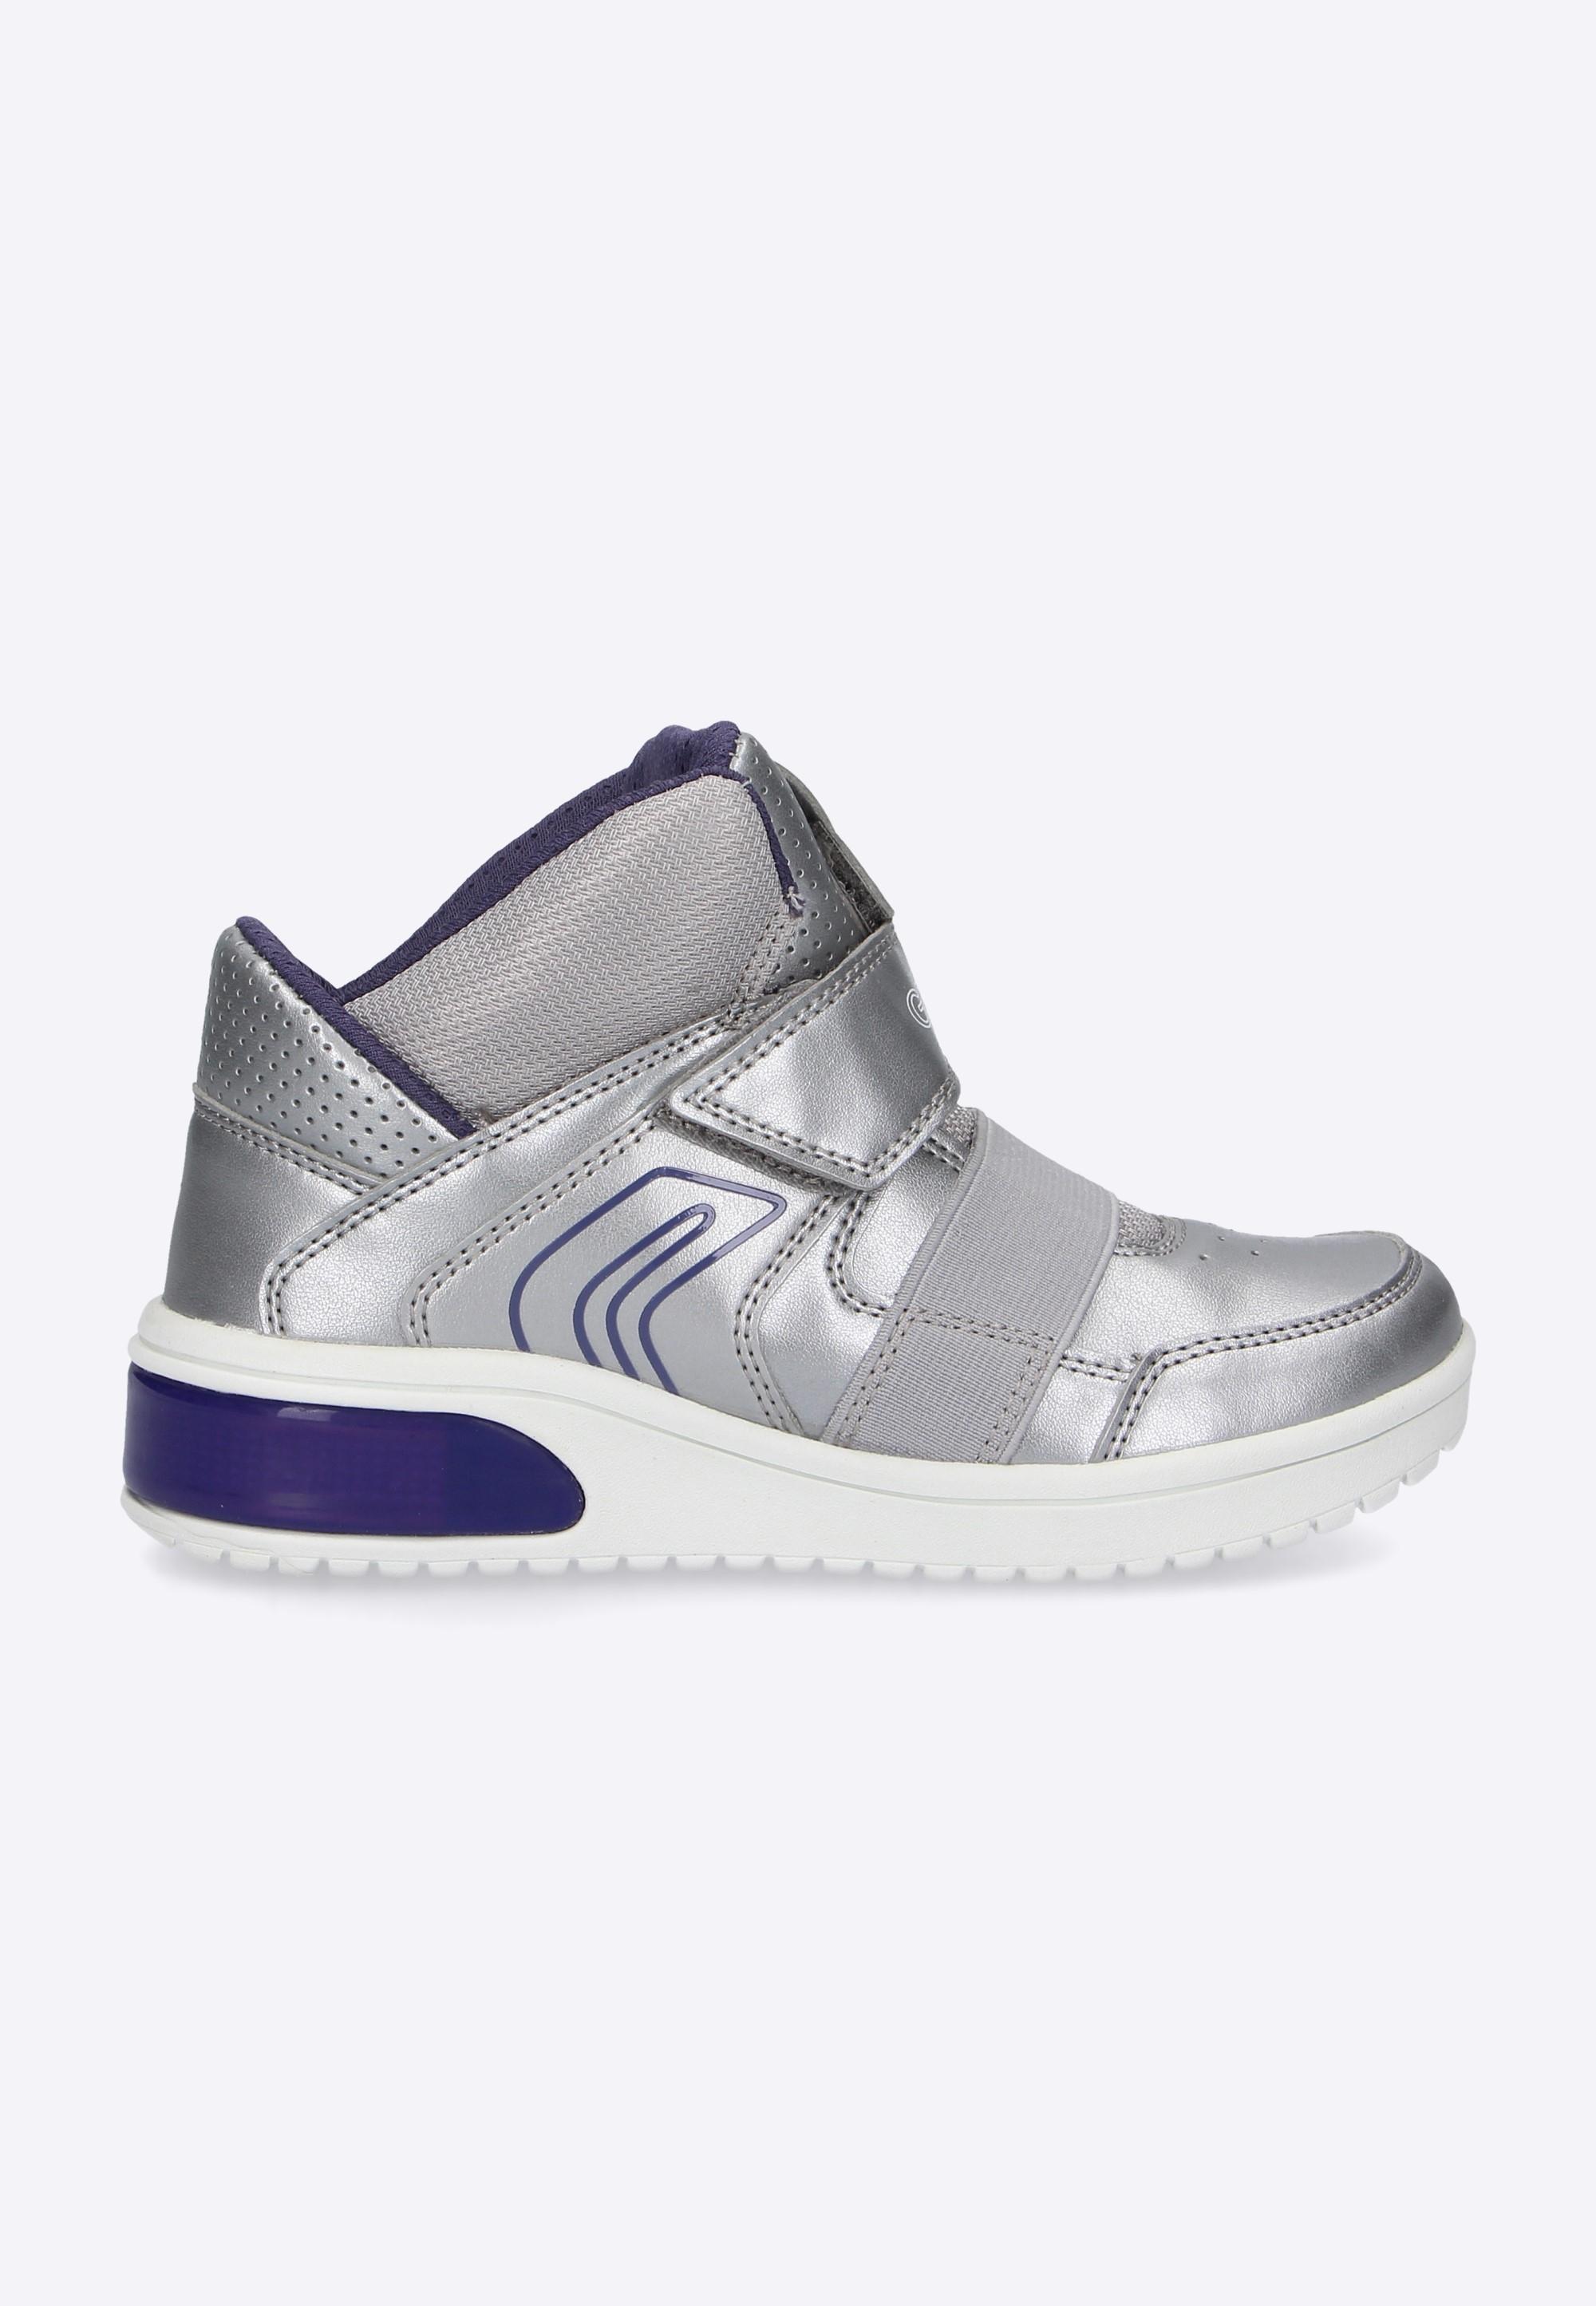 45ab1c9e4c7ca Święcące buty dziecięce GEOX J XLED G. A - Nico - Odzież i Obuwie